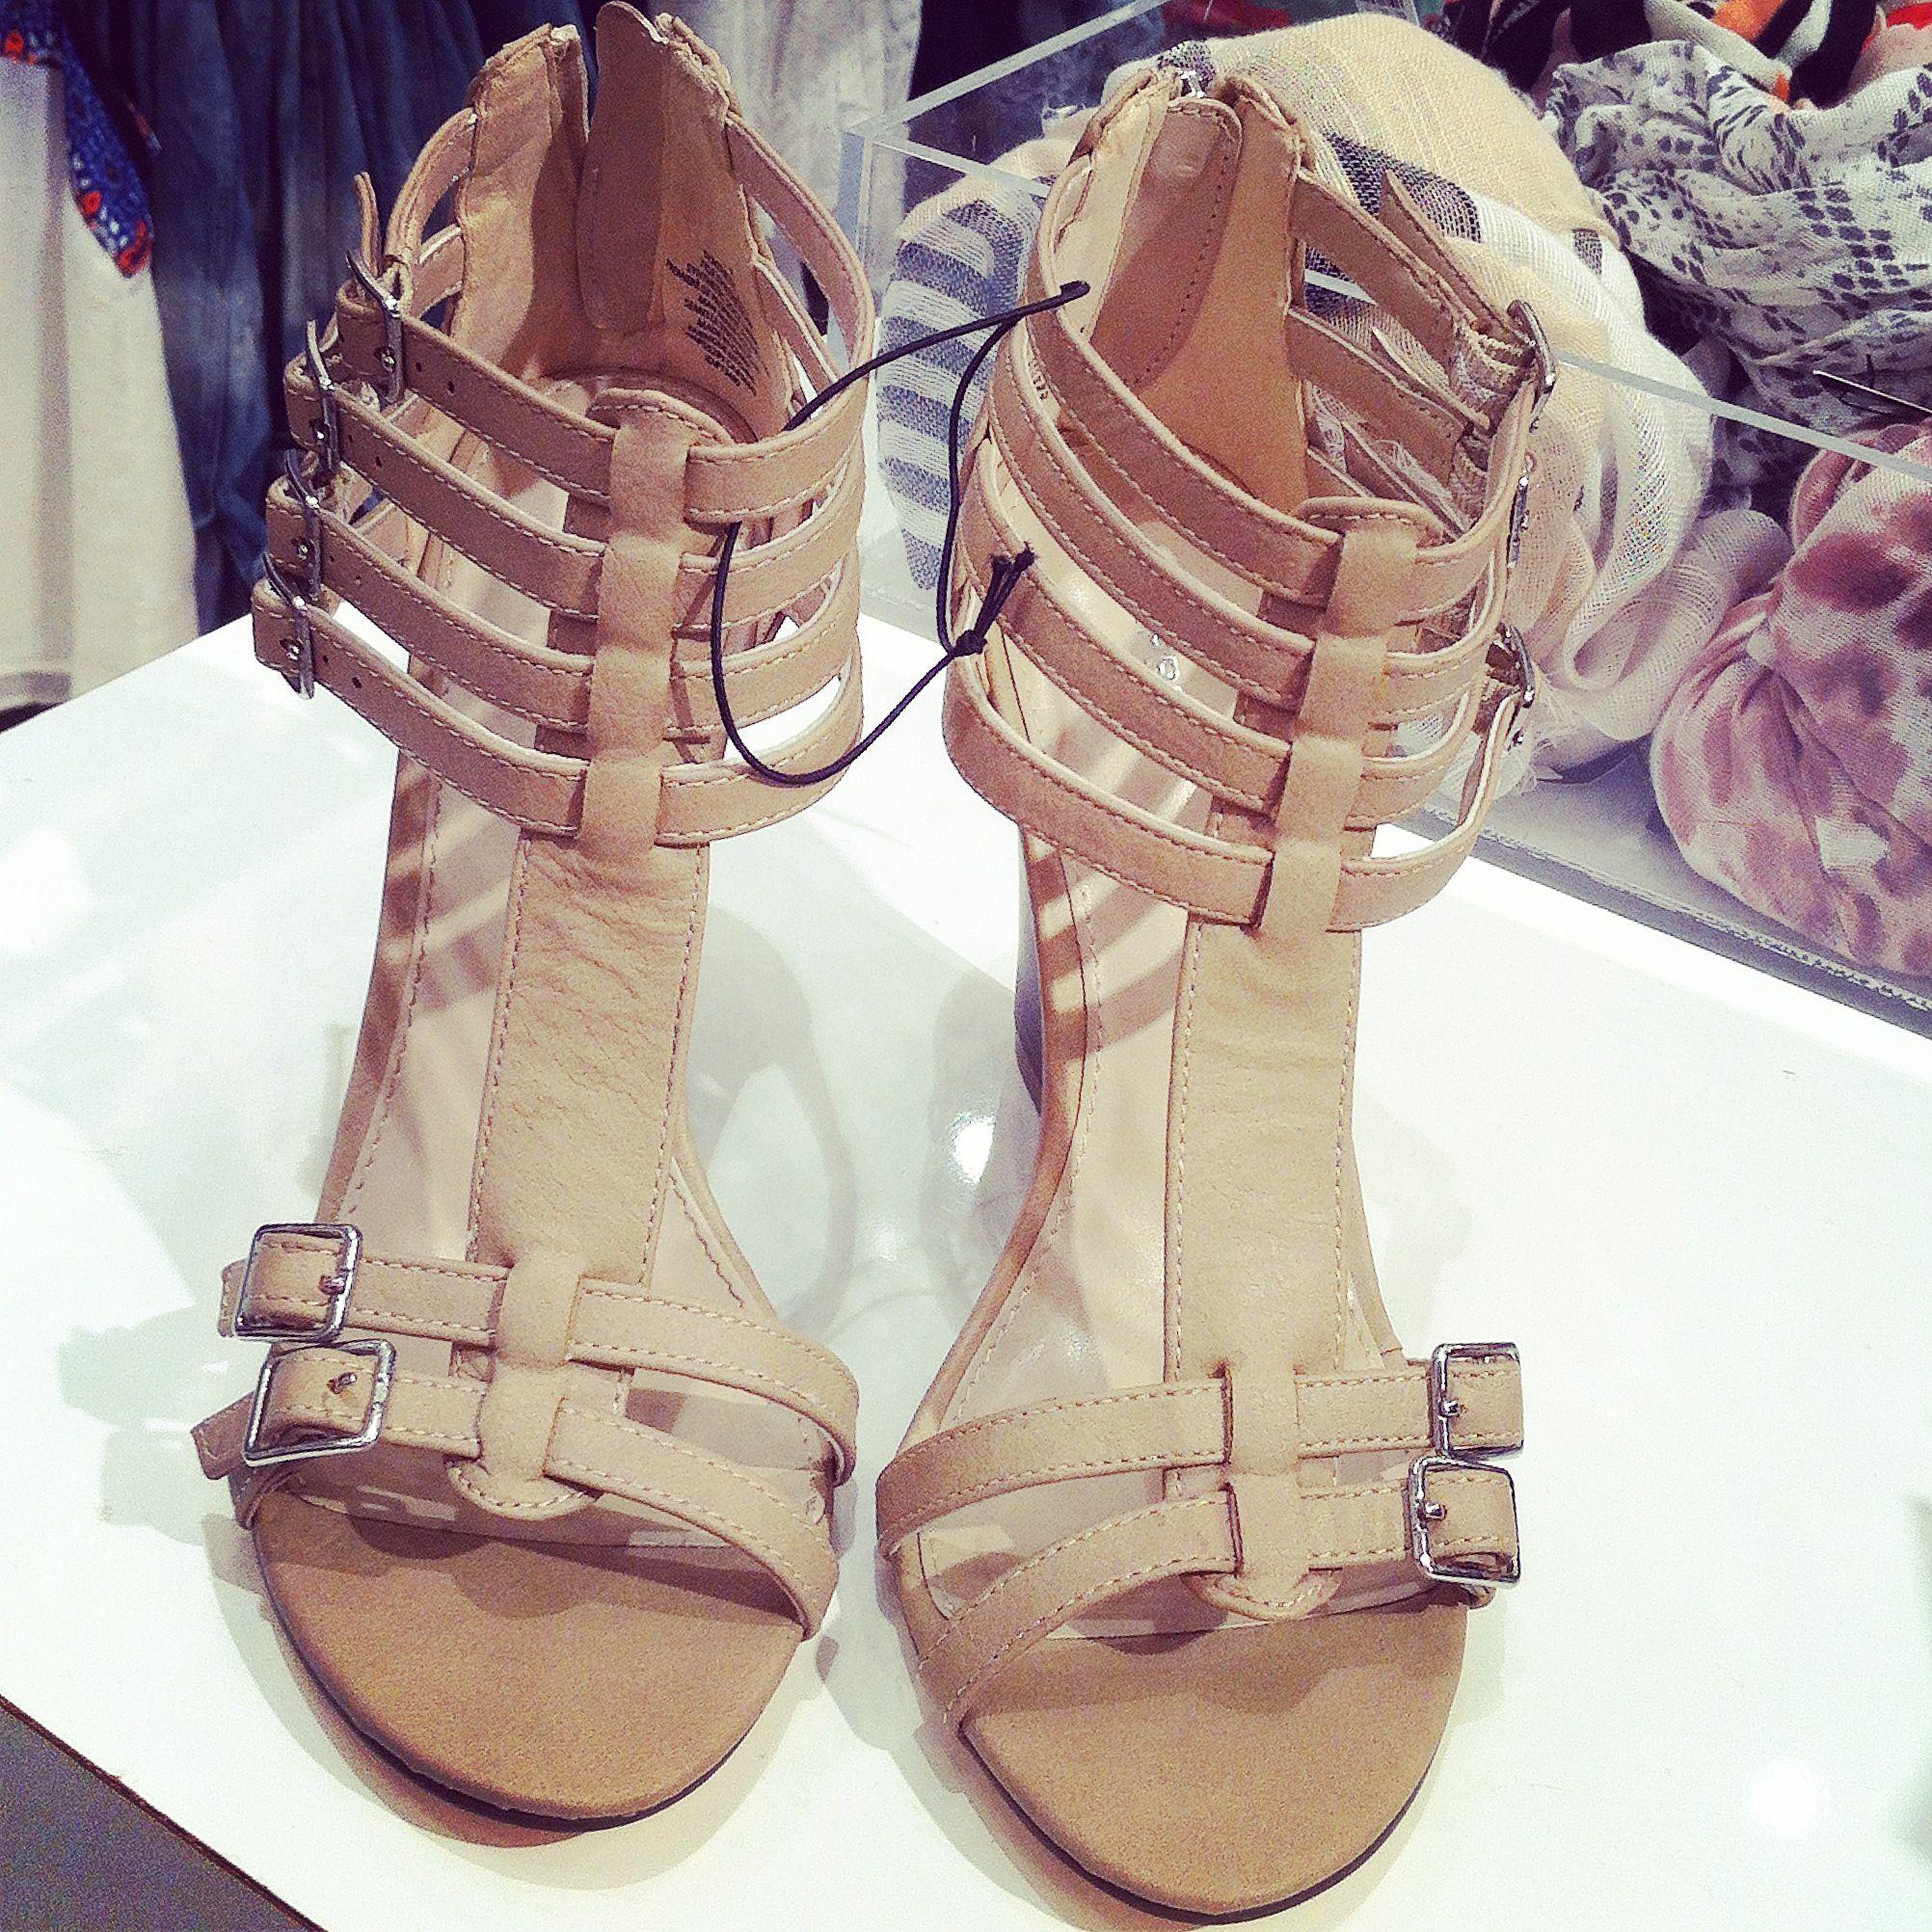 Nude heels :)